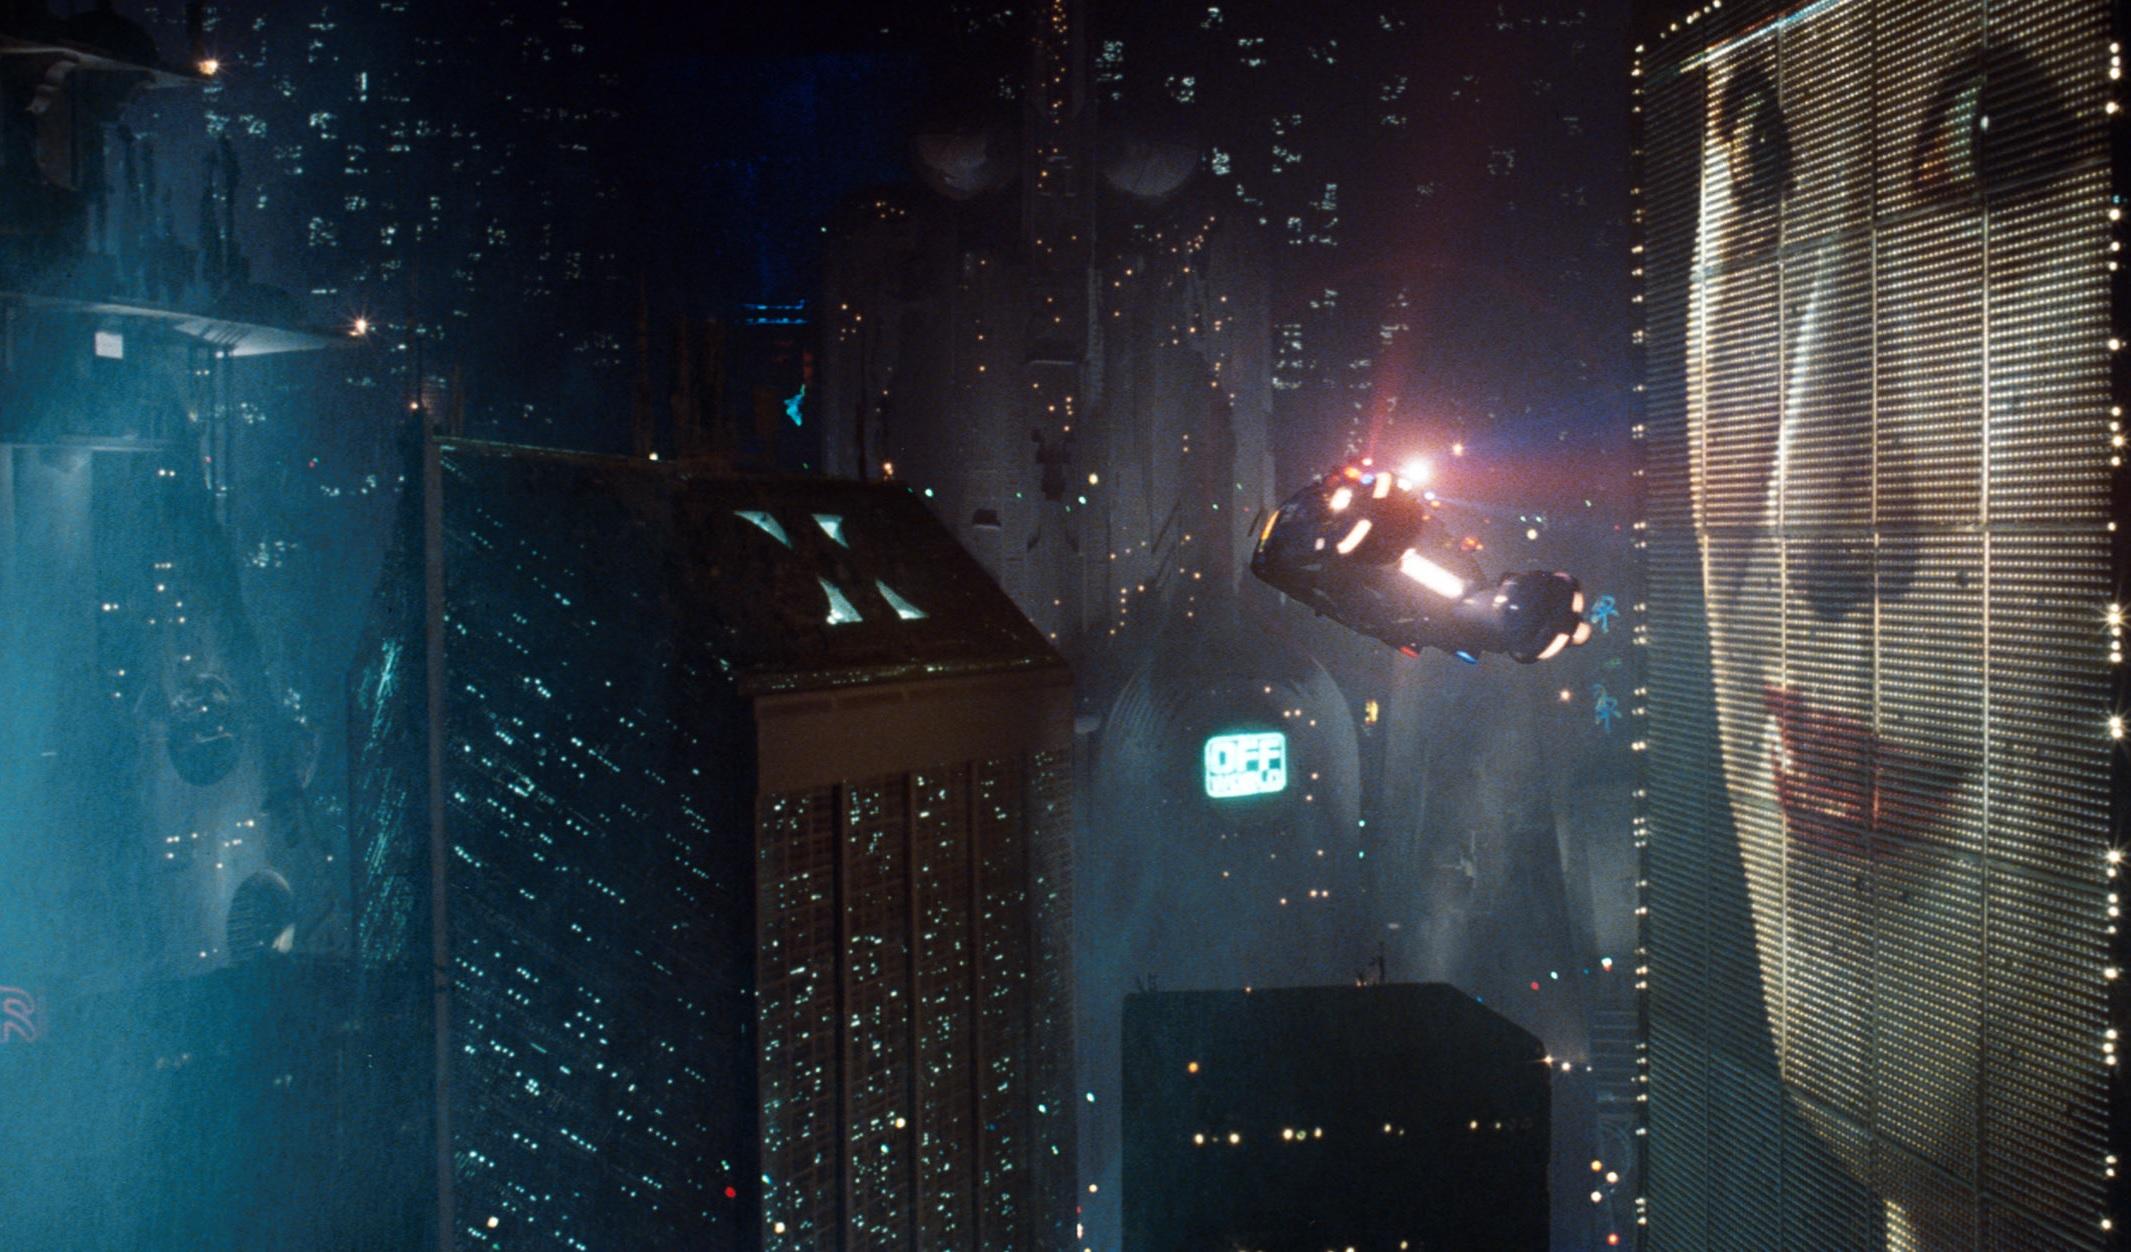 ブレードランナーで車が空を飛んでいる壁紙